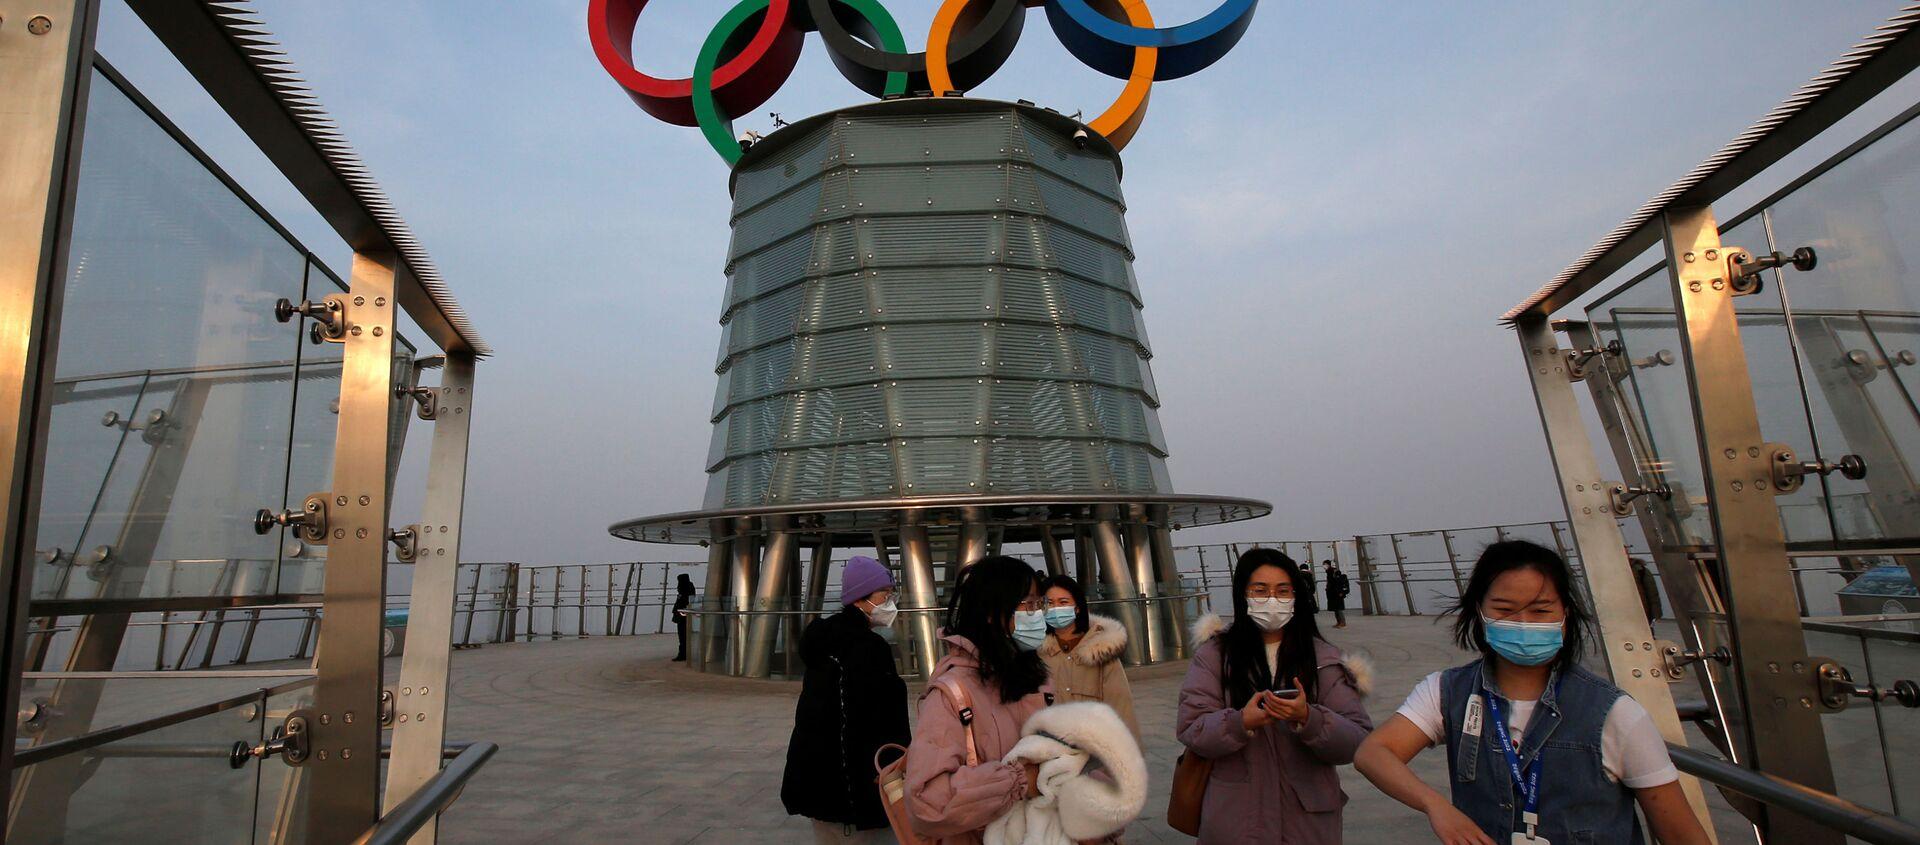 Wieża olimpijska w Pekinie - Sputnik Polska, 1920, 06.02.2021